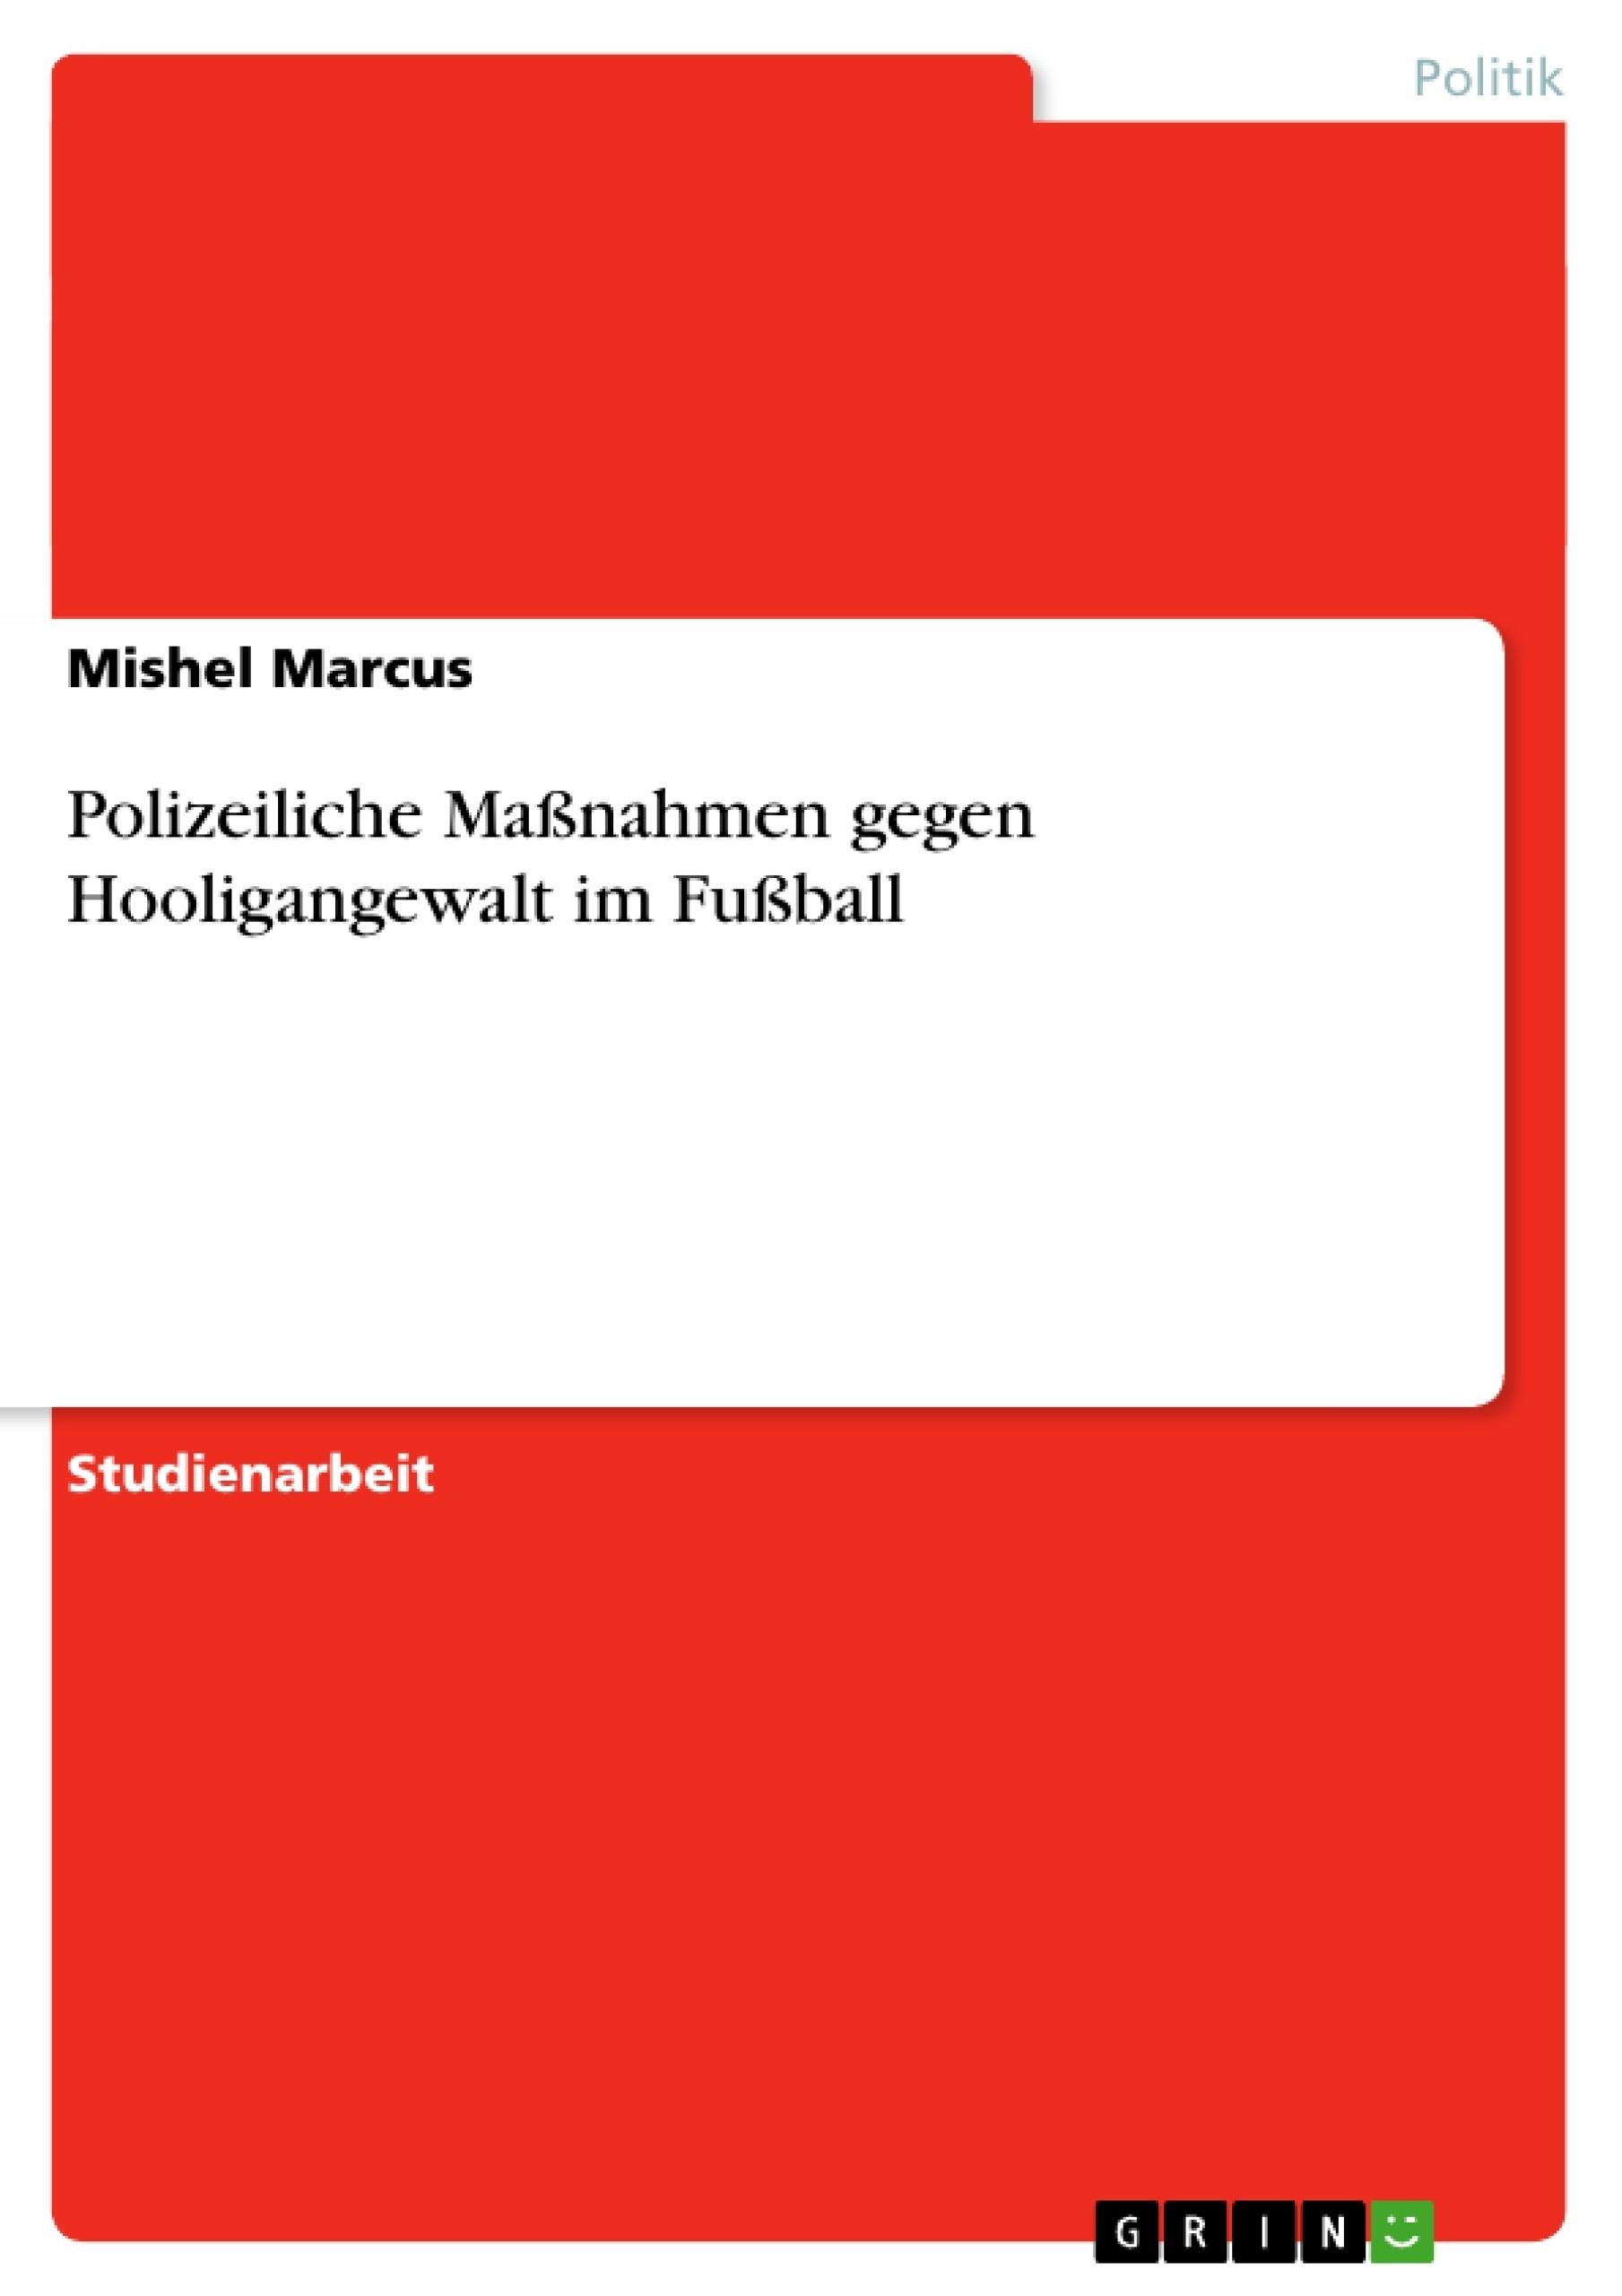 Titel: Polizeiliche Maßnahmen gegen Hooligangewalt im Fußball